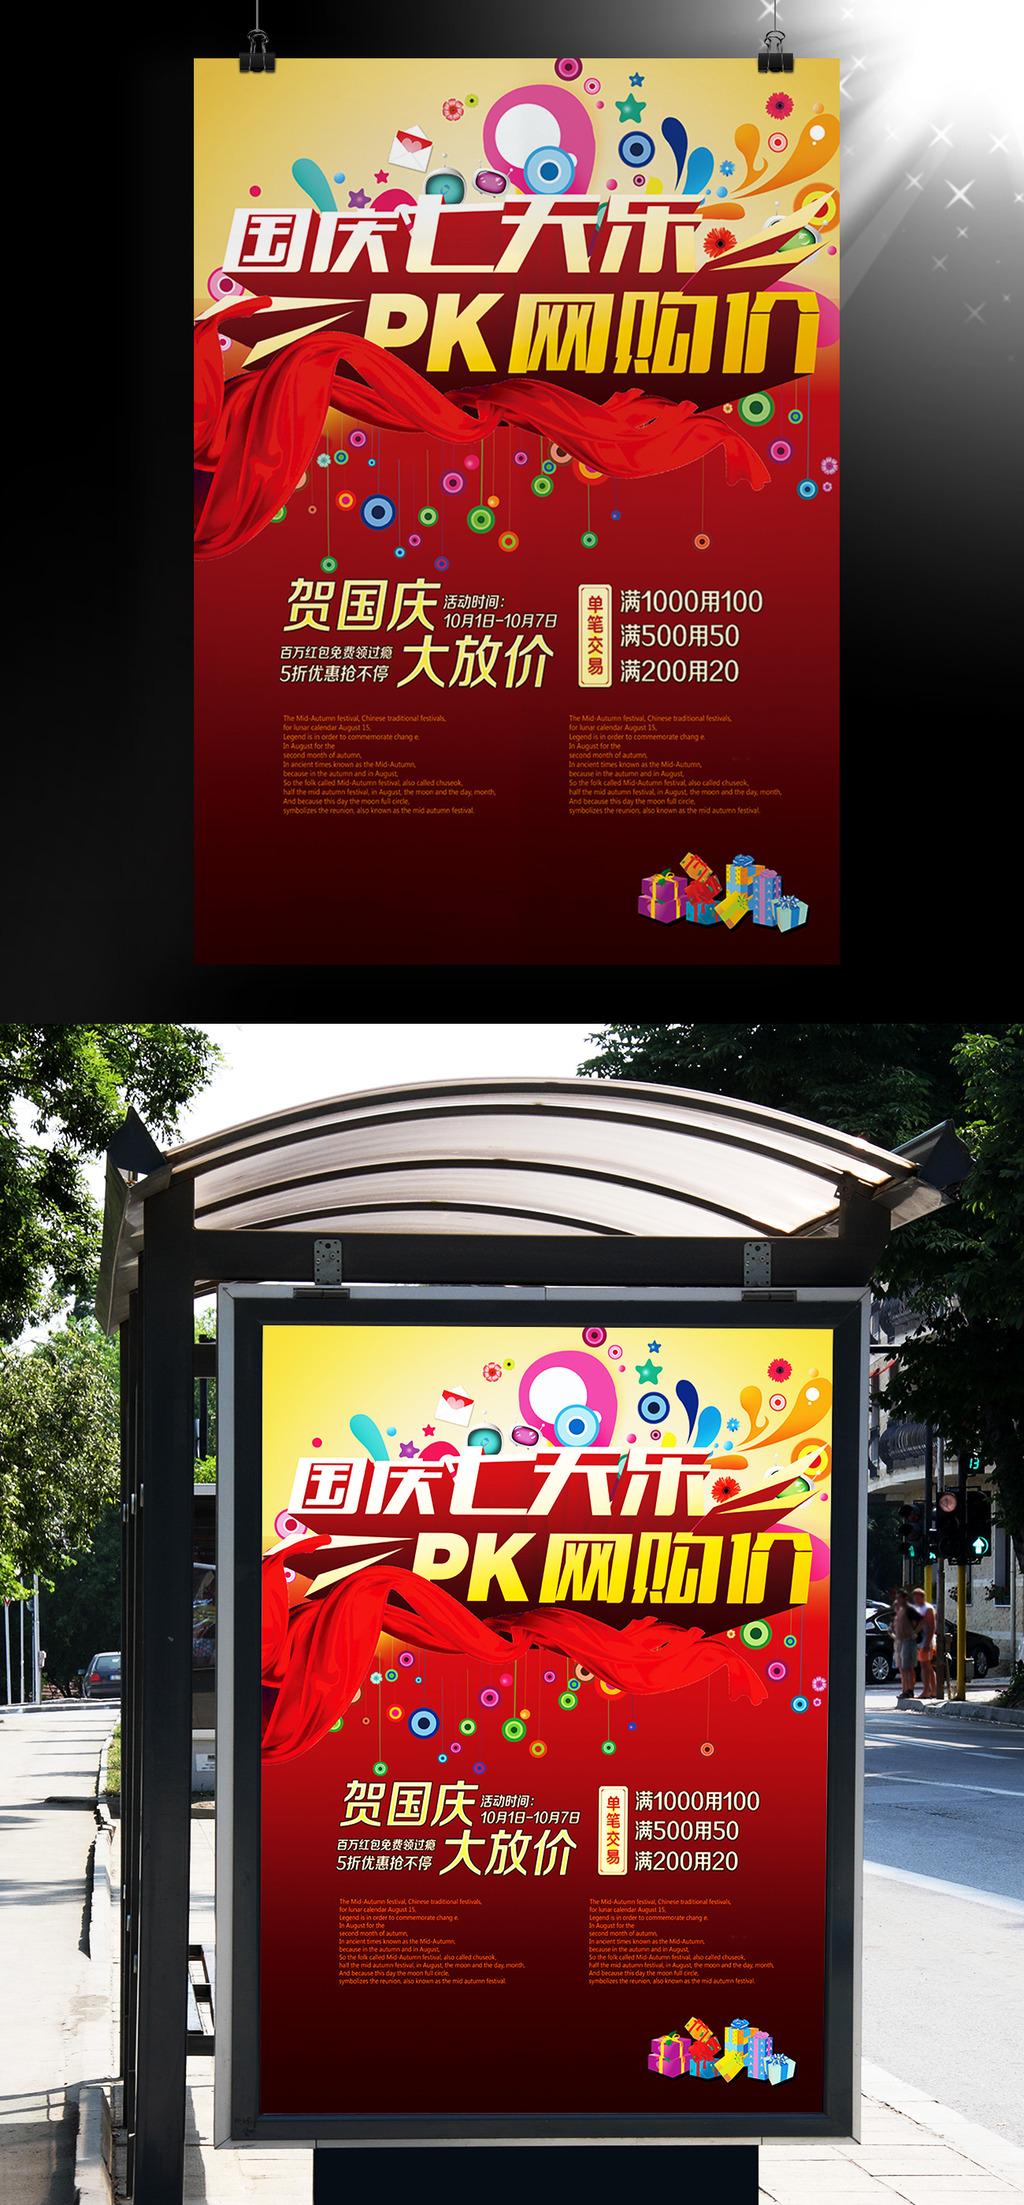 十一活动国庆节促销海报素材模板下载(图片编号:)